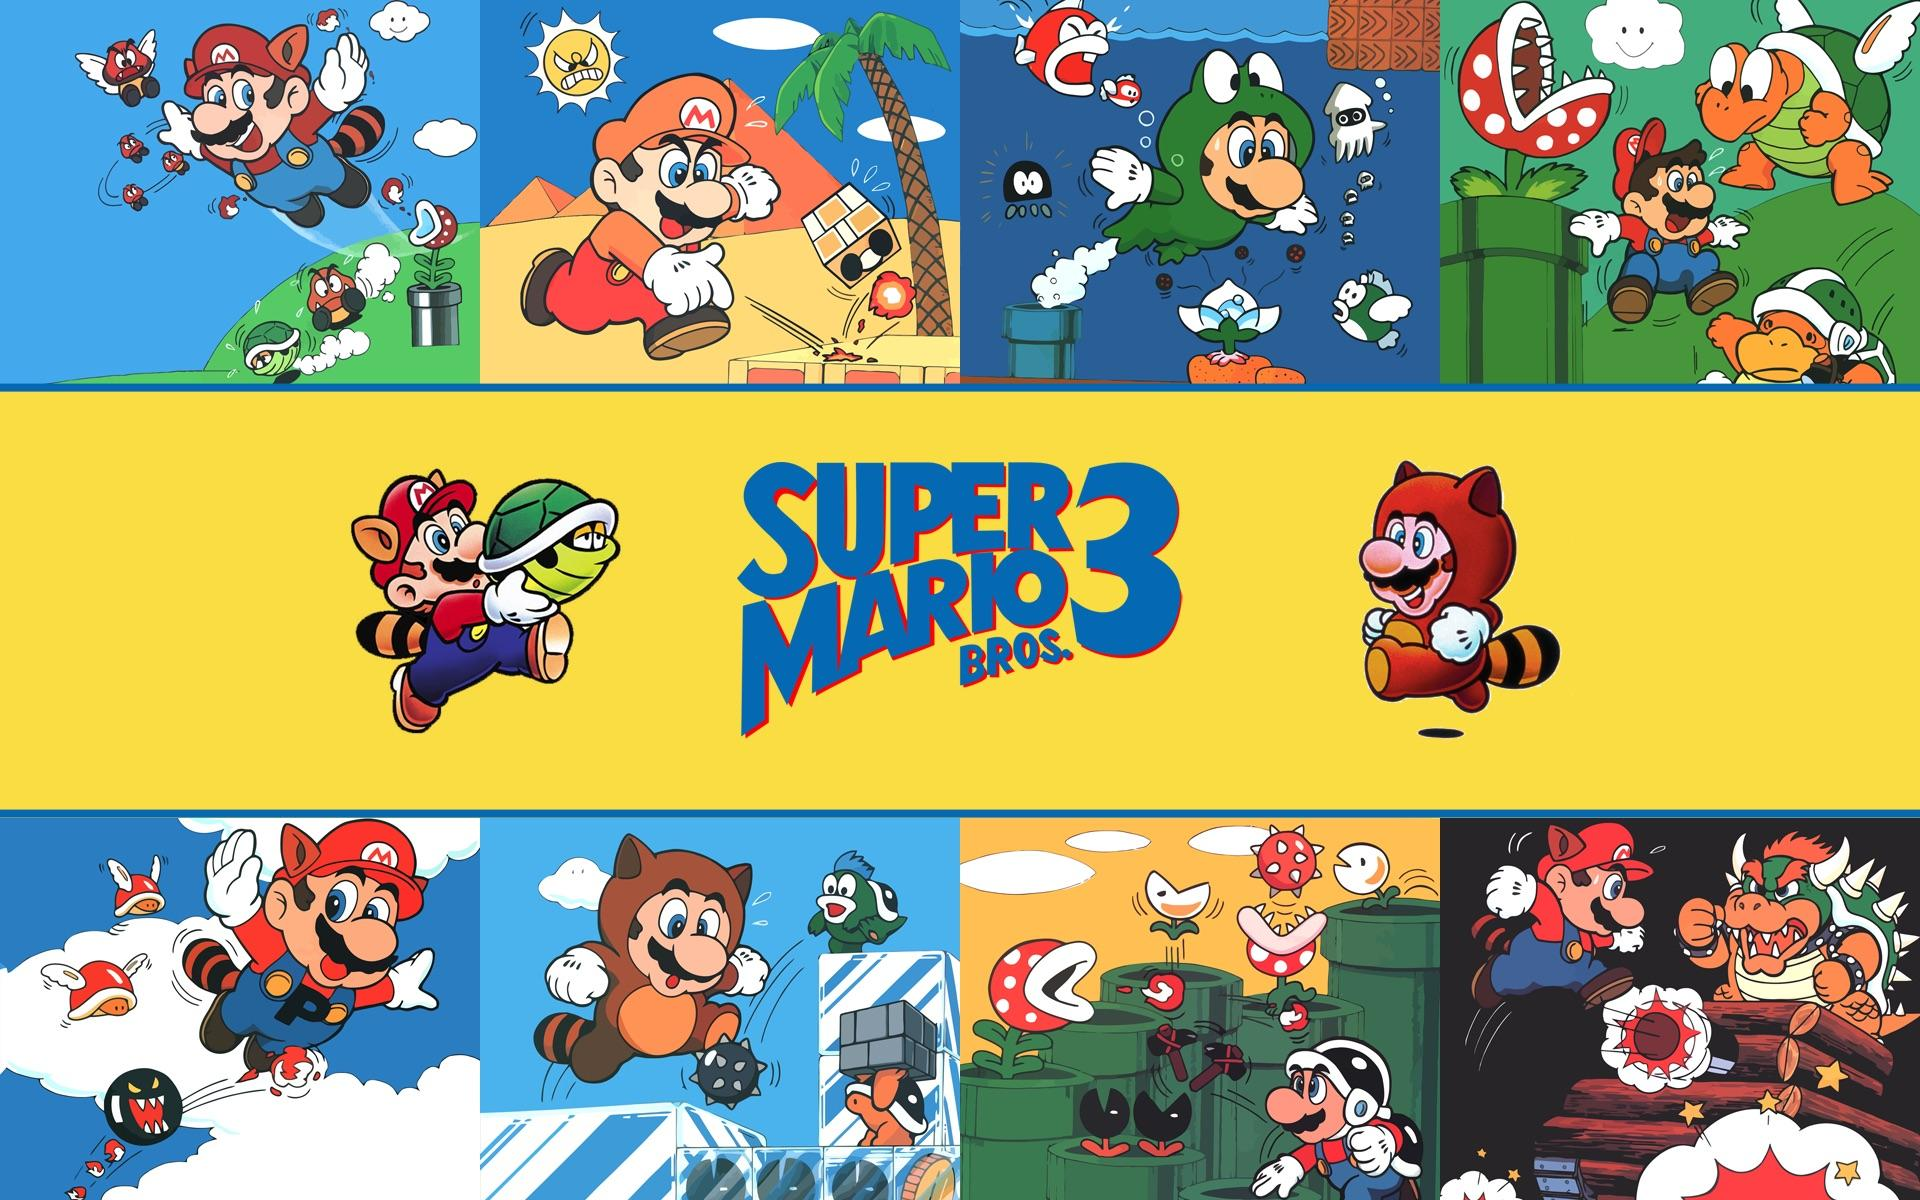 Super Mario Bros 3 Wallpapers - Top